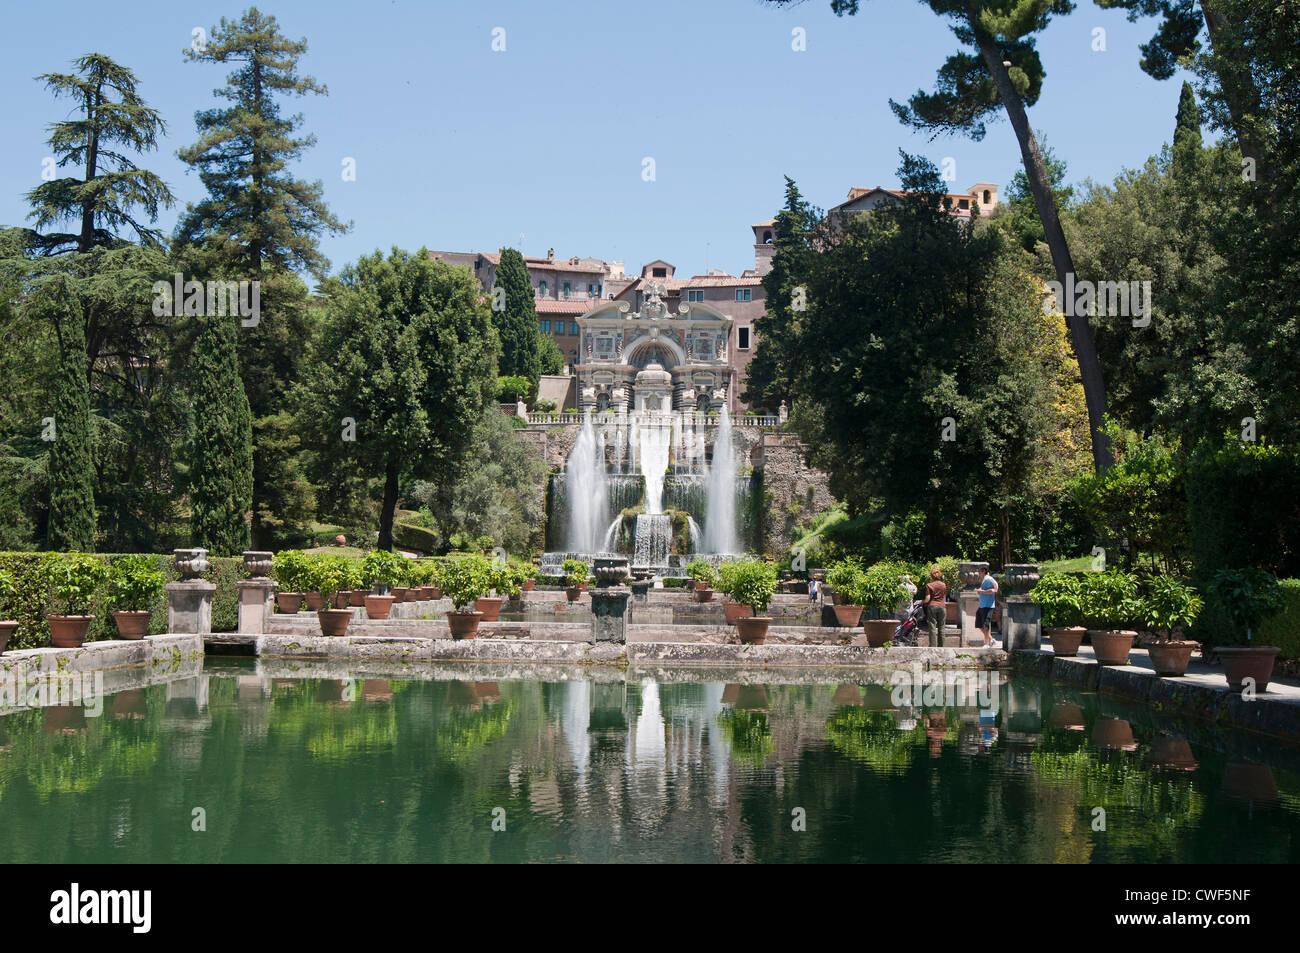 The Renaissance Gardens Of The Villa D 39 Este Tivoli Near